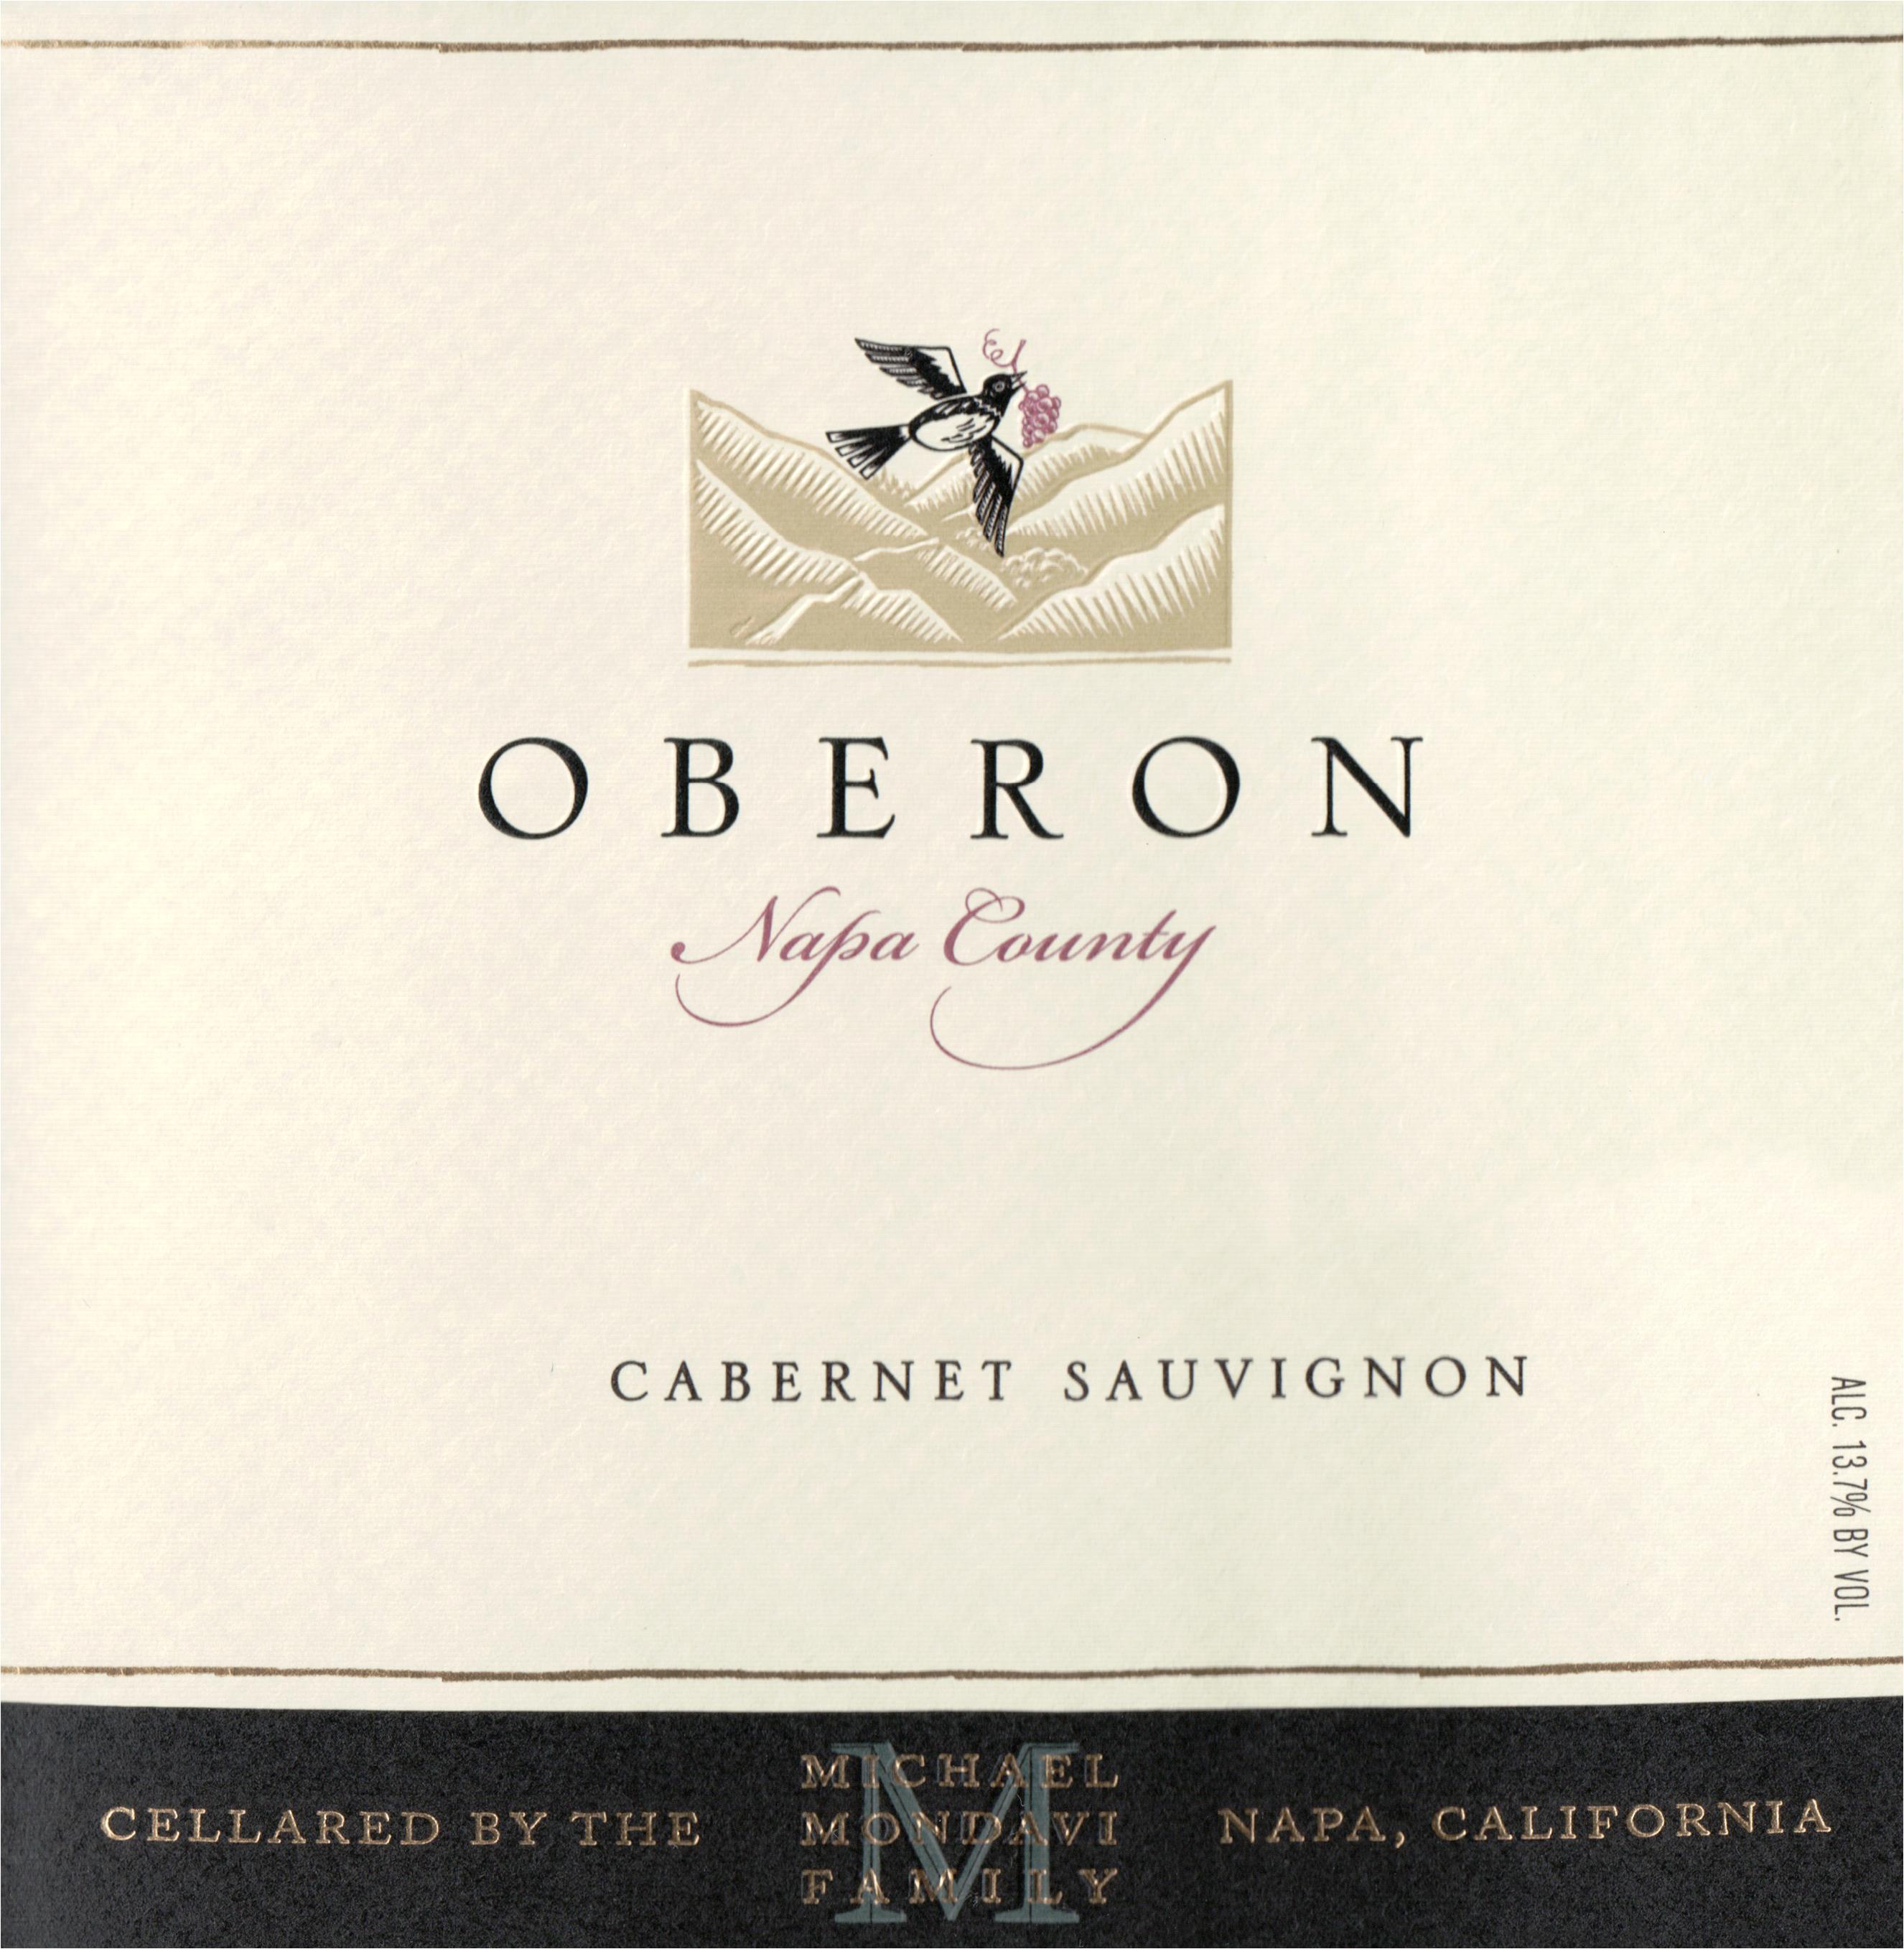 Oberon Napa Cabernet Sauvignon 2018